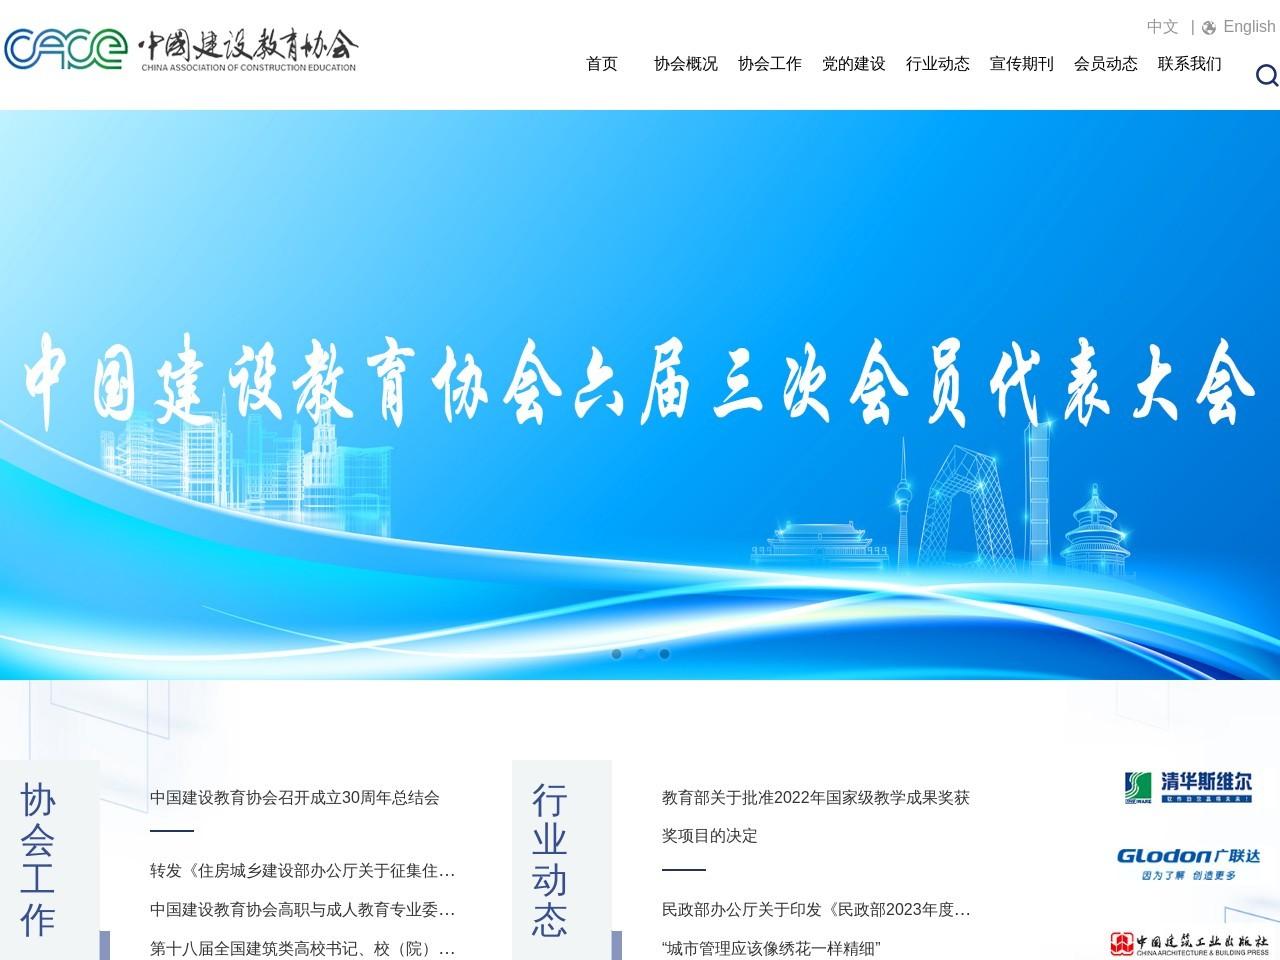 中国建设教育协会